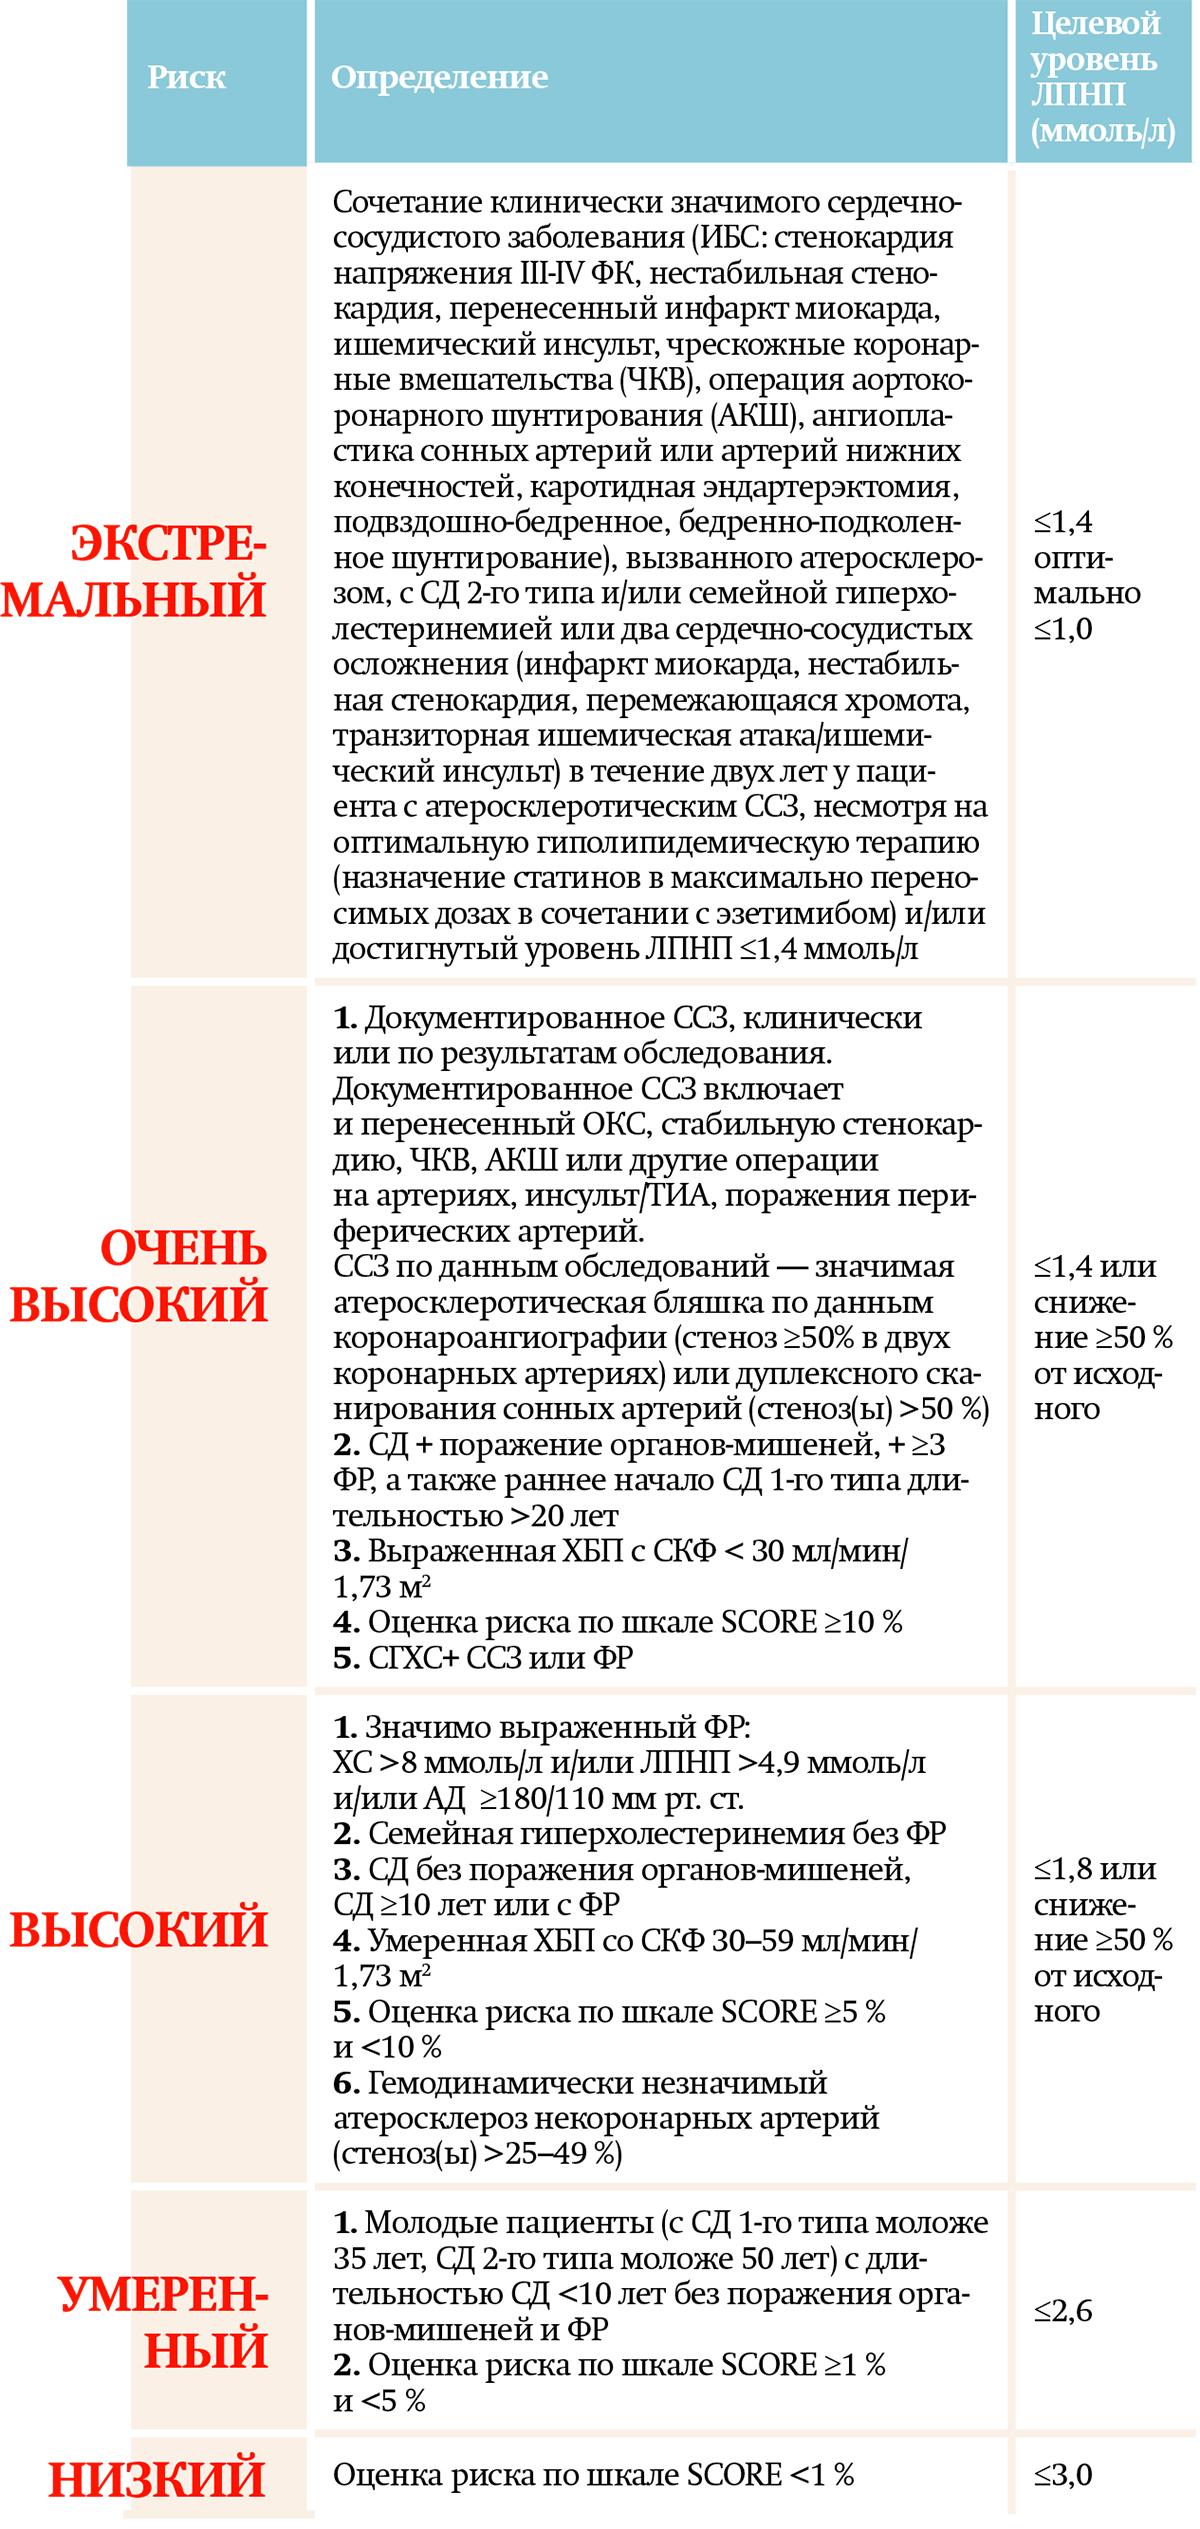 Таблица к материалу митьковская 2